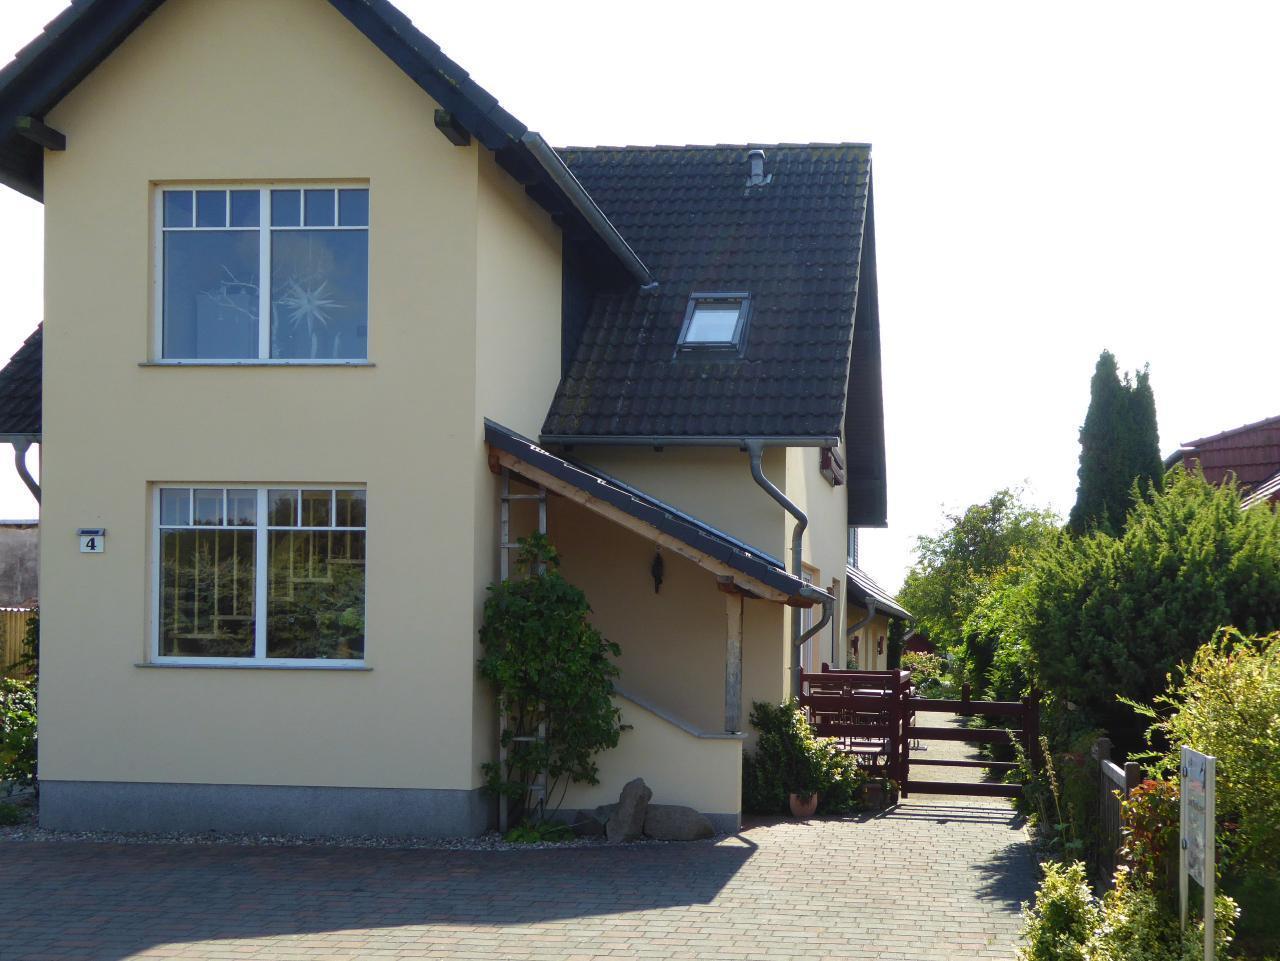 Ferienwohnung LILIE (412255), Zempin, Usedom, Mecklenburg-Vorpommern, Deutschland, Bild 1